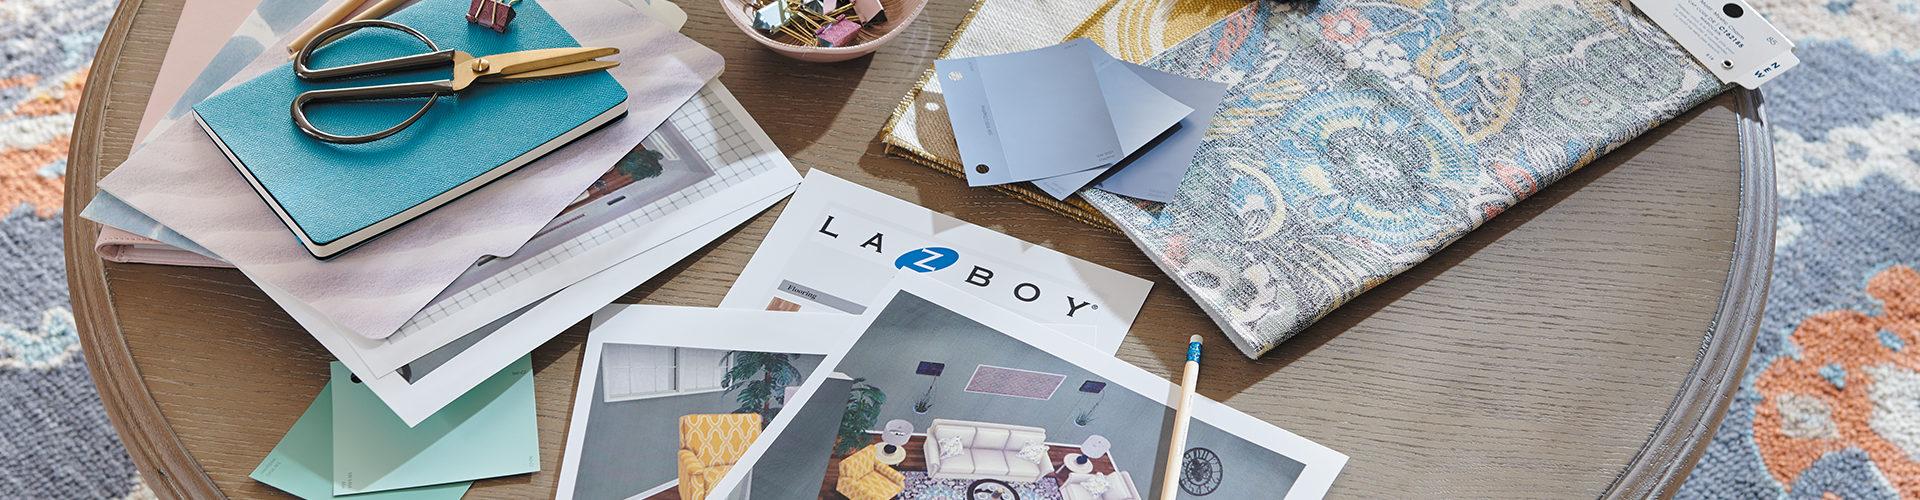 La-Z-Boy Free Design Service